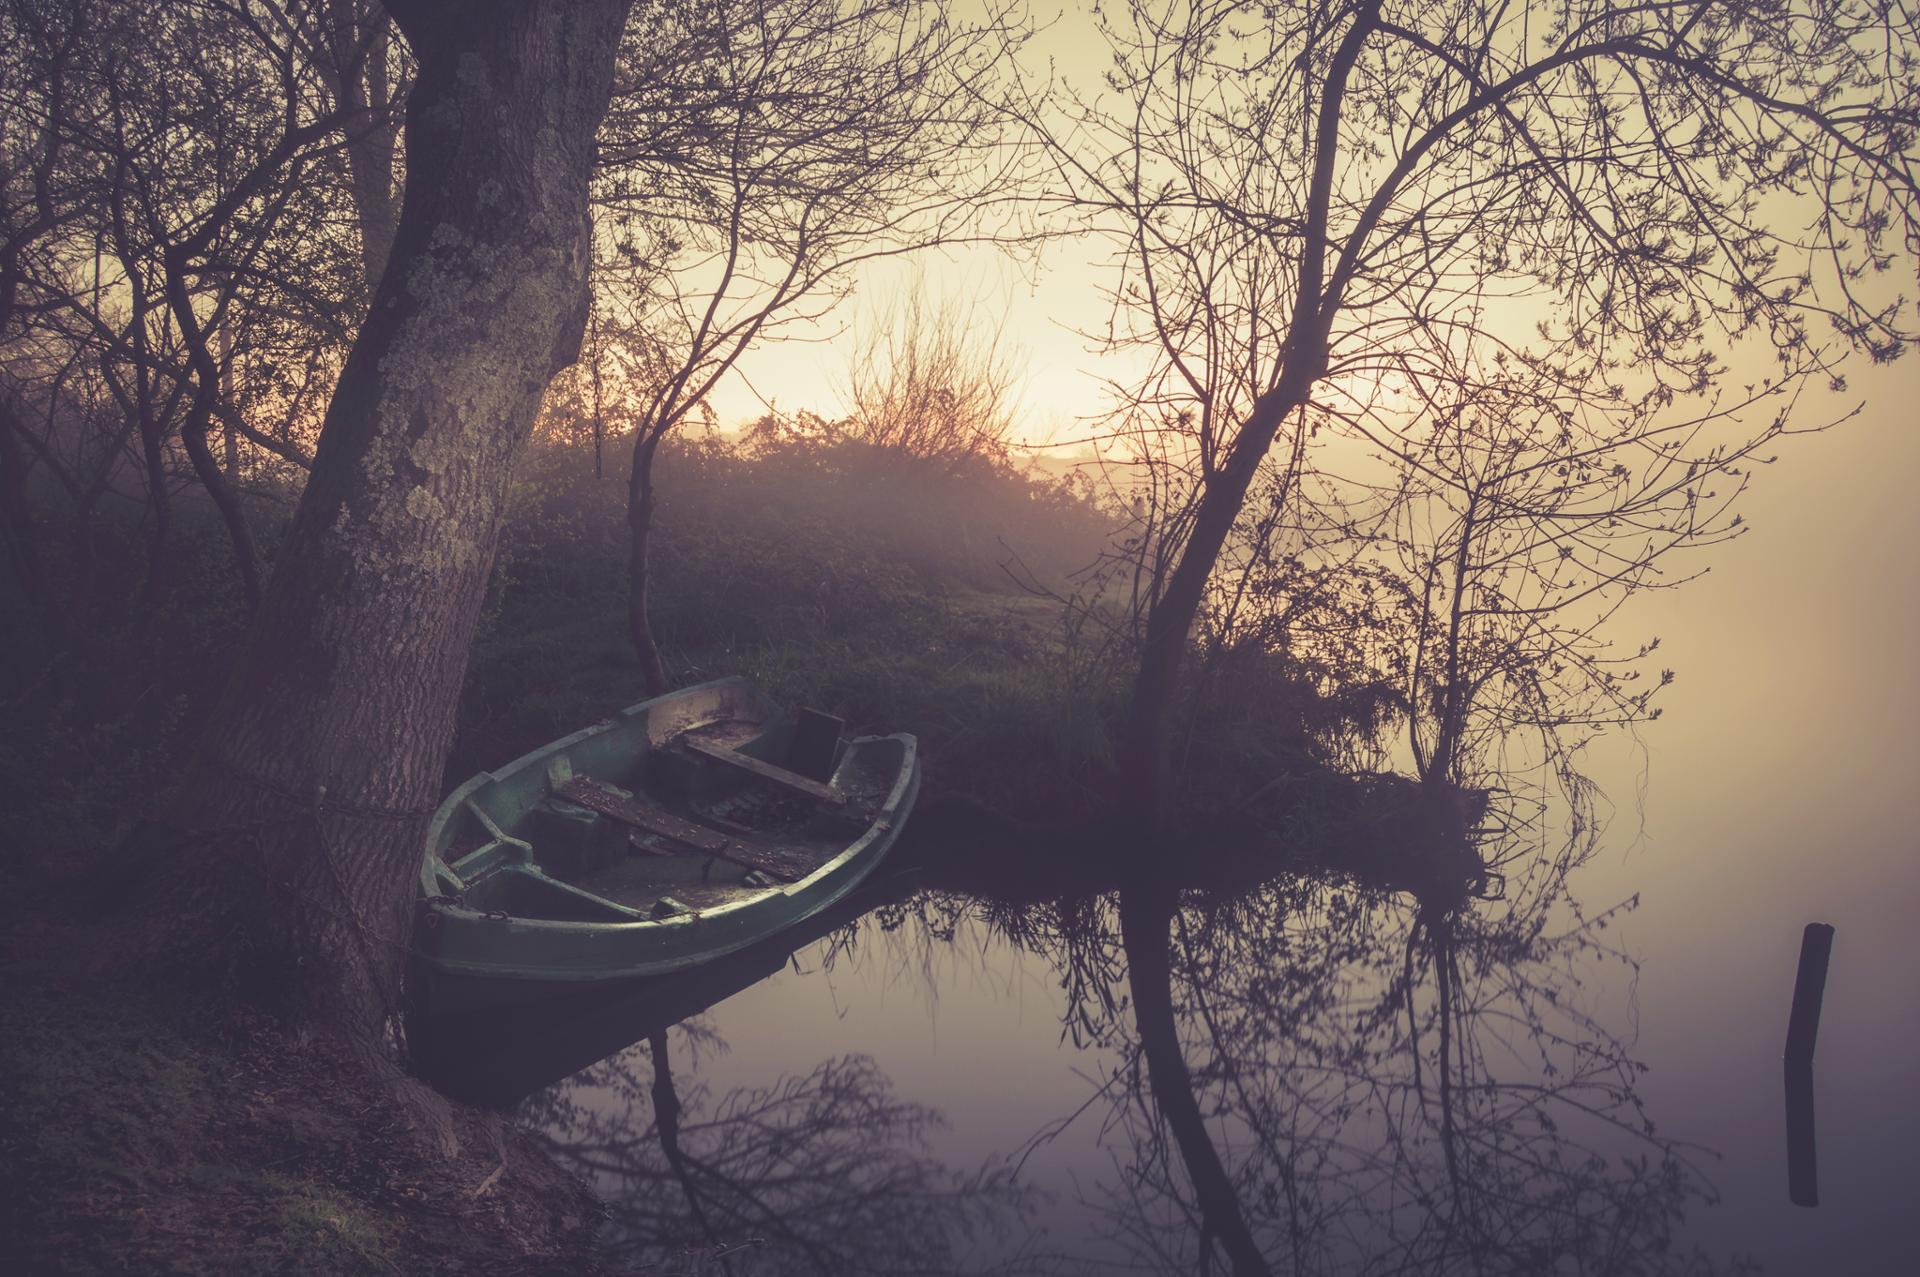 Les matins paisibles de l'Acheneau